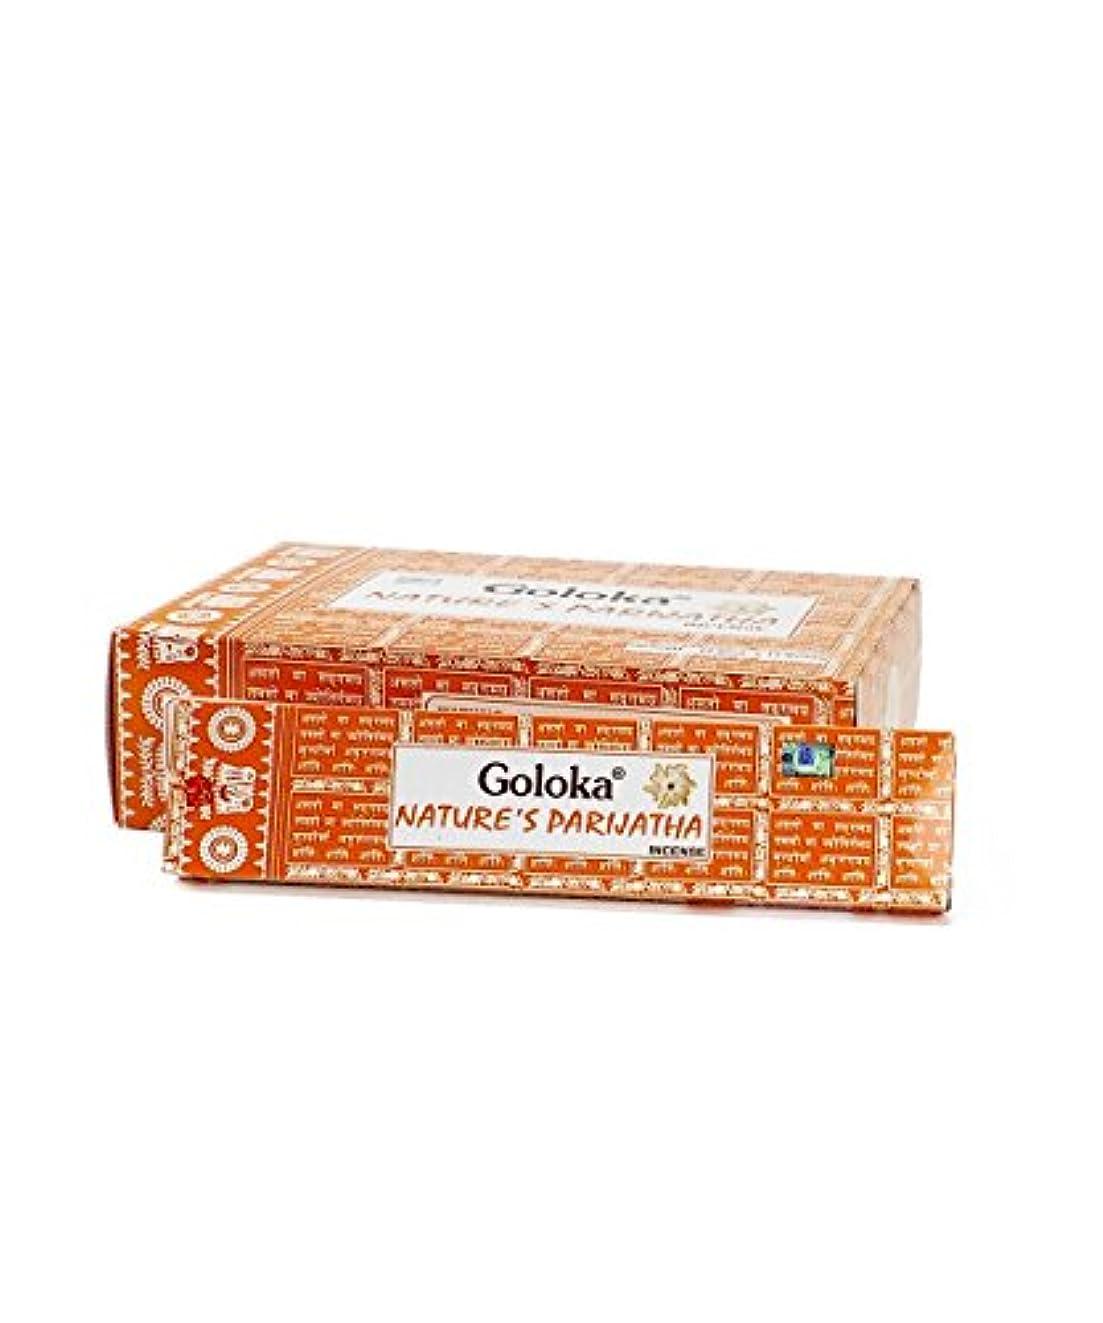 バルセロナオアシス委員長グリーンツリーGoloka Natures Parijatha Incenseボックス12のパック